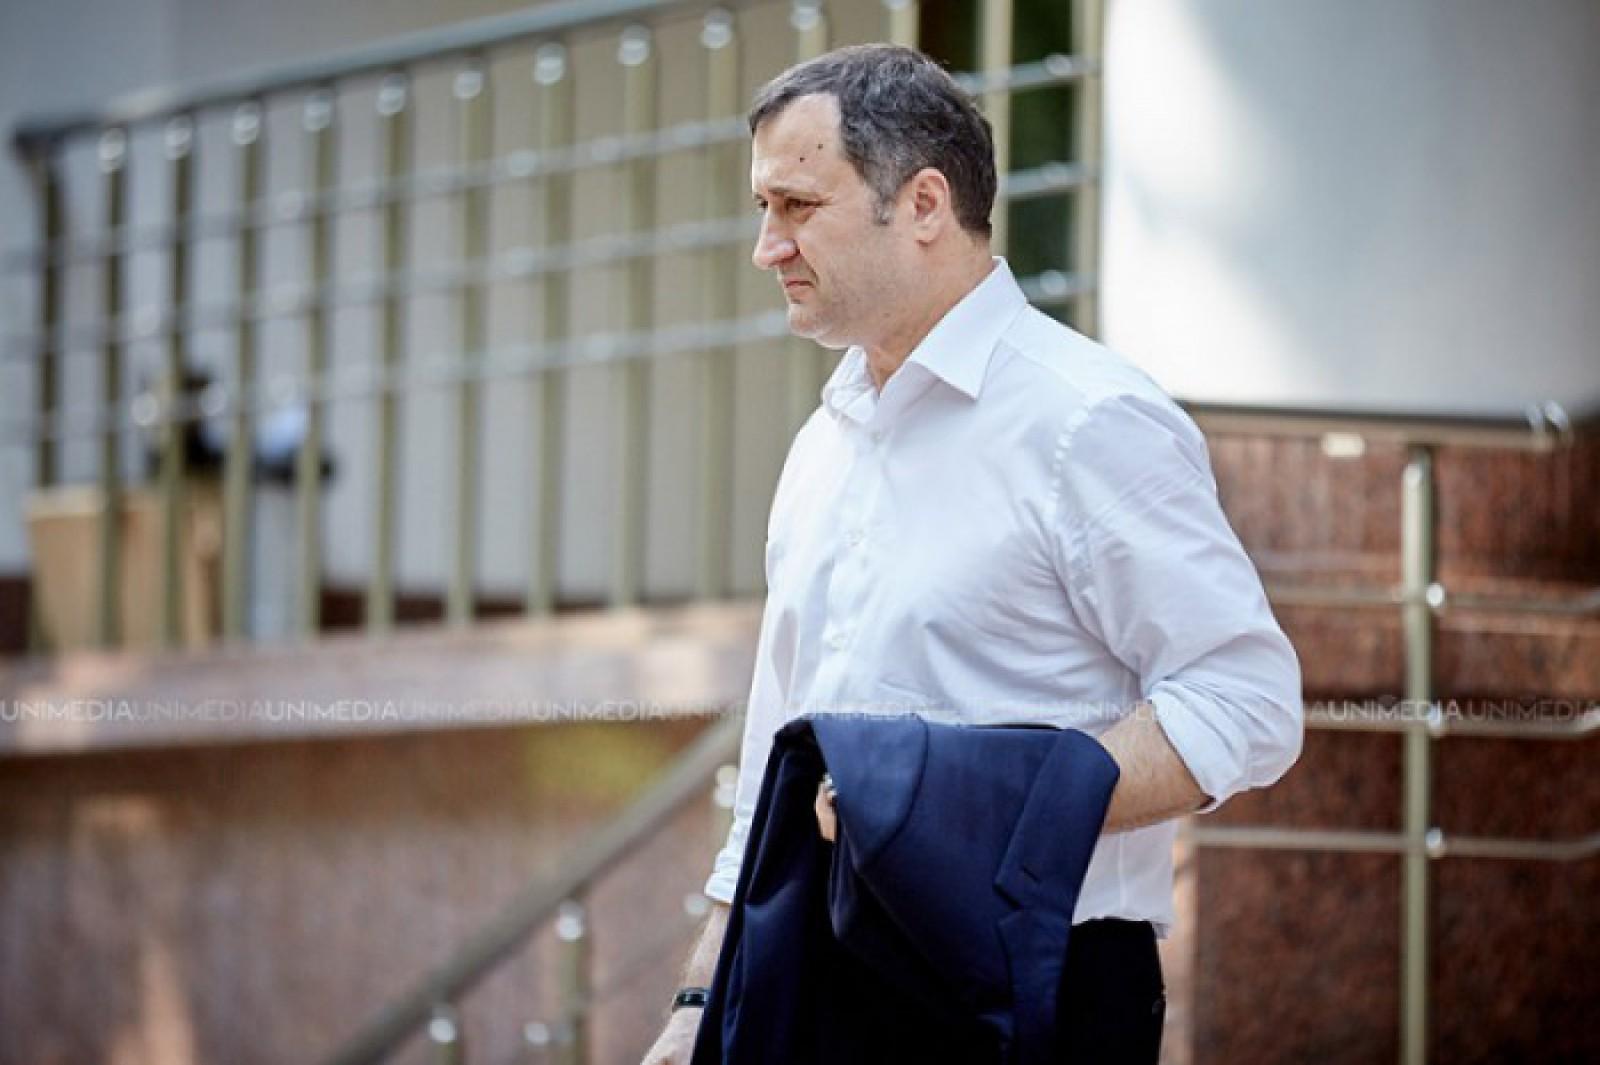 Ziarul de Gardă: Prima reacție a lui Vlad Filat după demersurile nepotului său din lupta pentru averea fostului premier